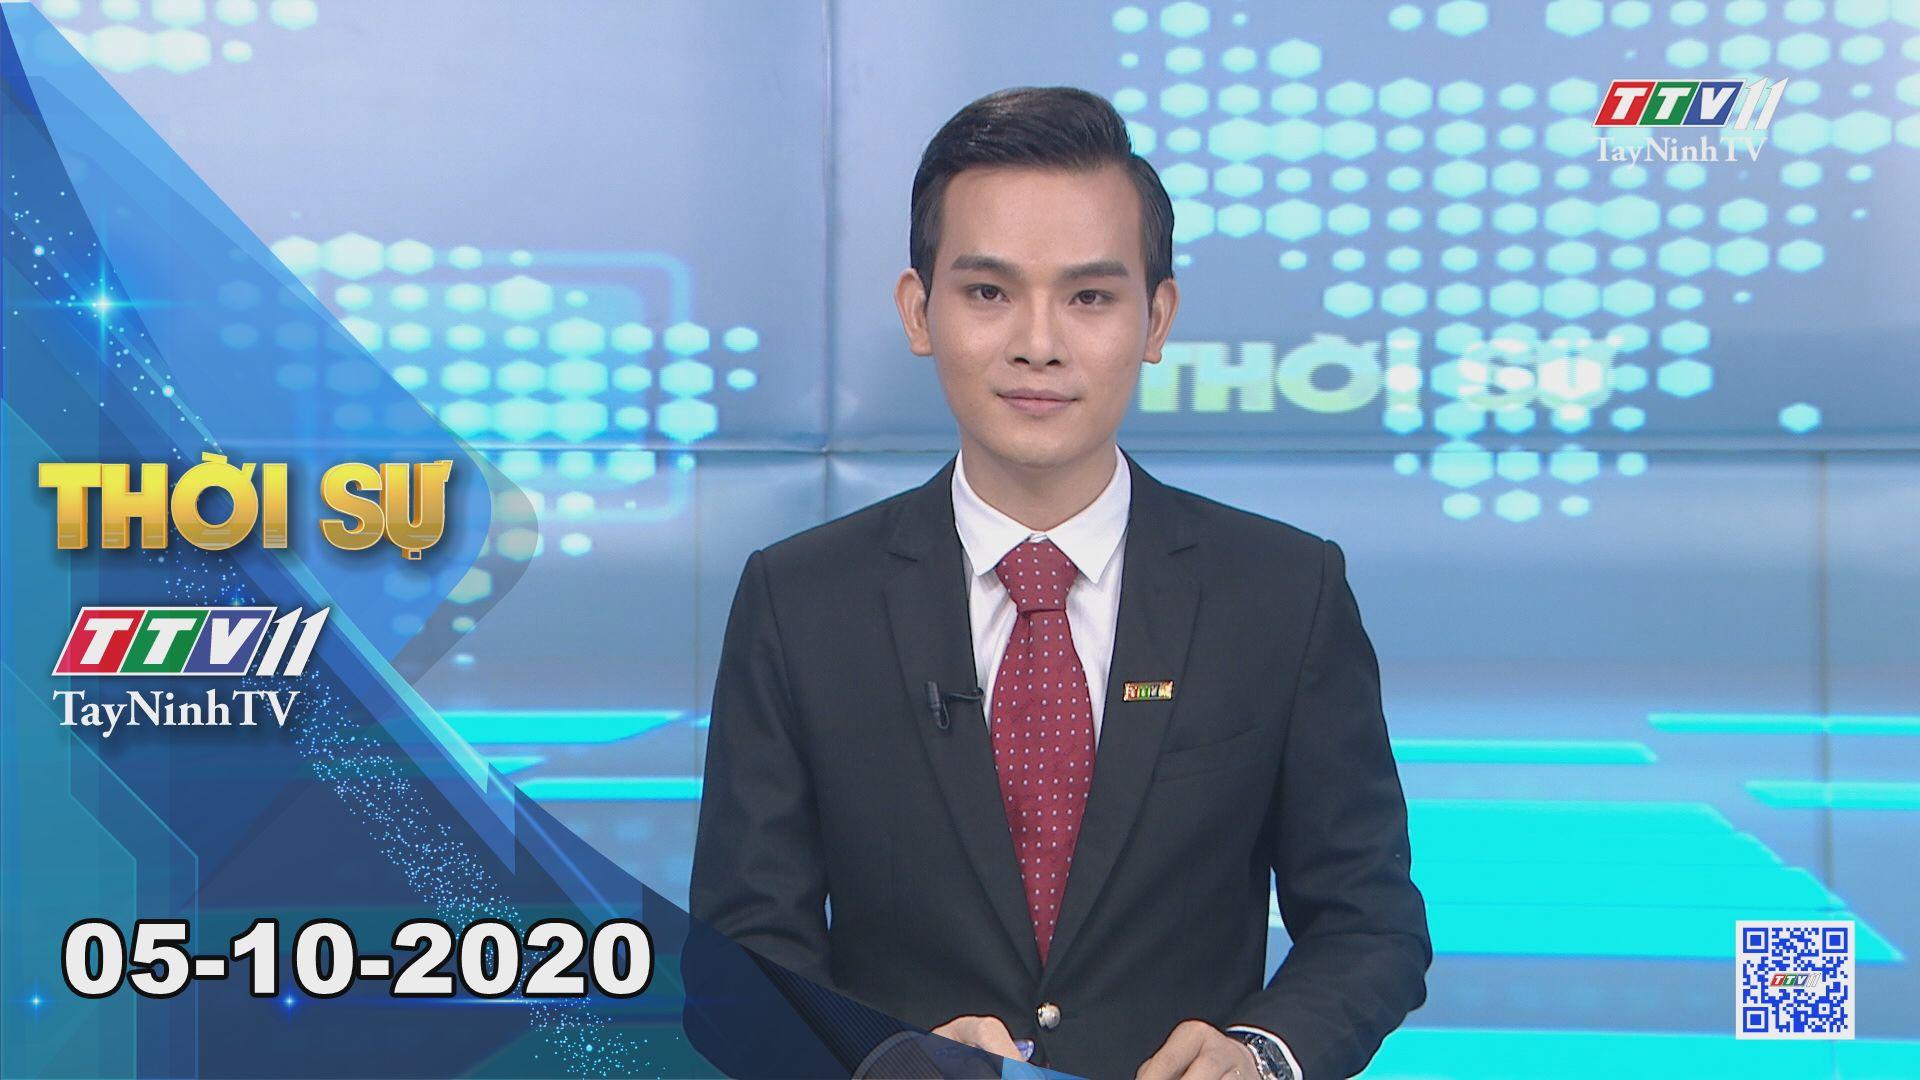 Thời sự Tây Ninh 05-10-2020 | Tin tức hôm nay | TayNinhTV